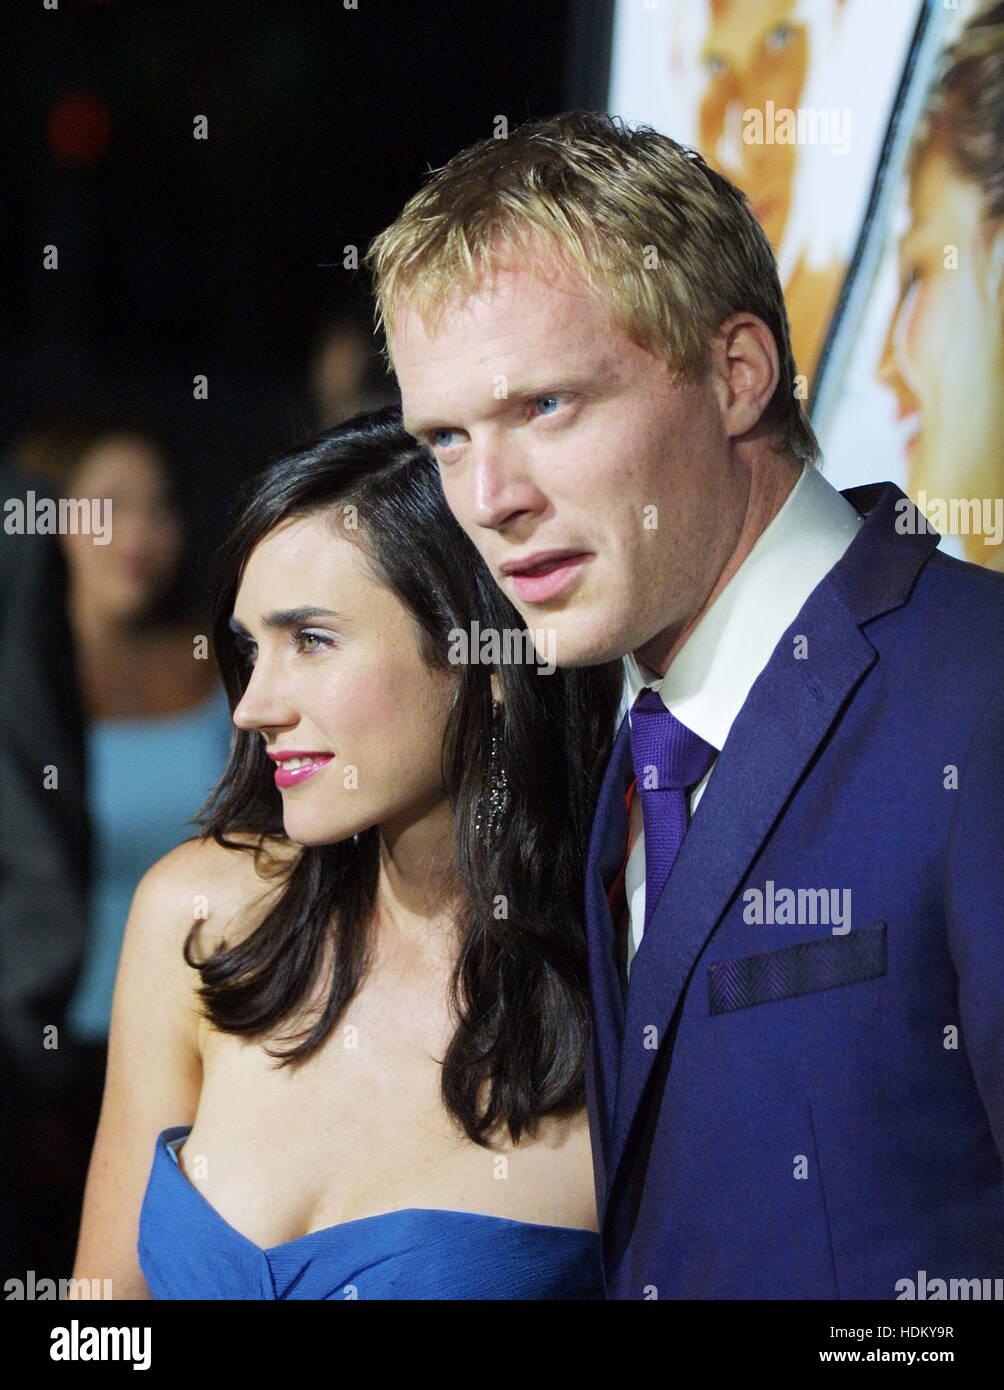 Paul Bettany y su esposa, Jennifer Connelly, en el estreno de 'Wimbledon' en Beverly Hills el 13 de septiembre Imagen De Stock